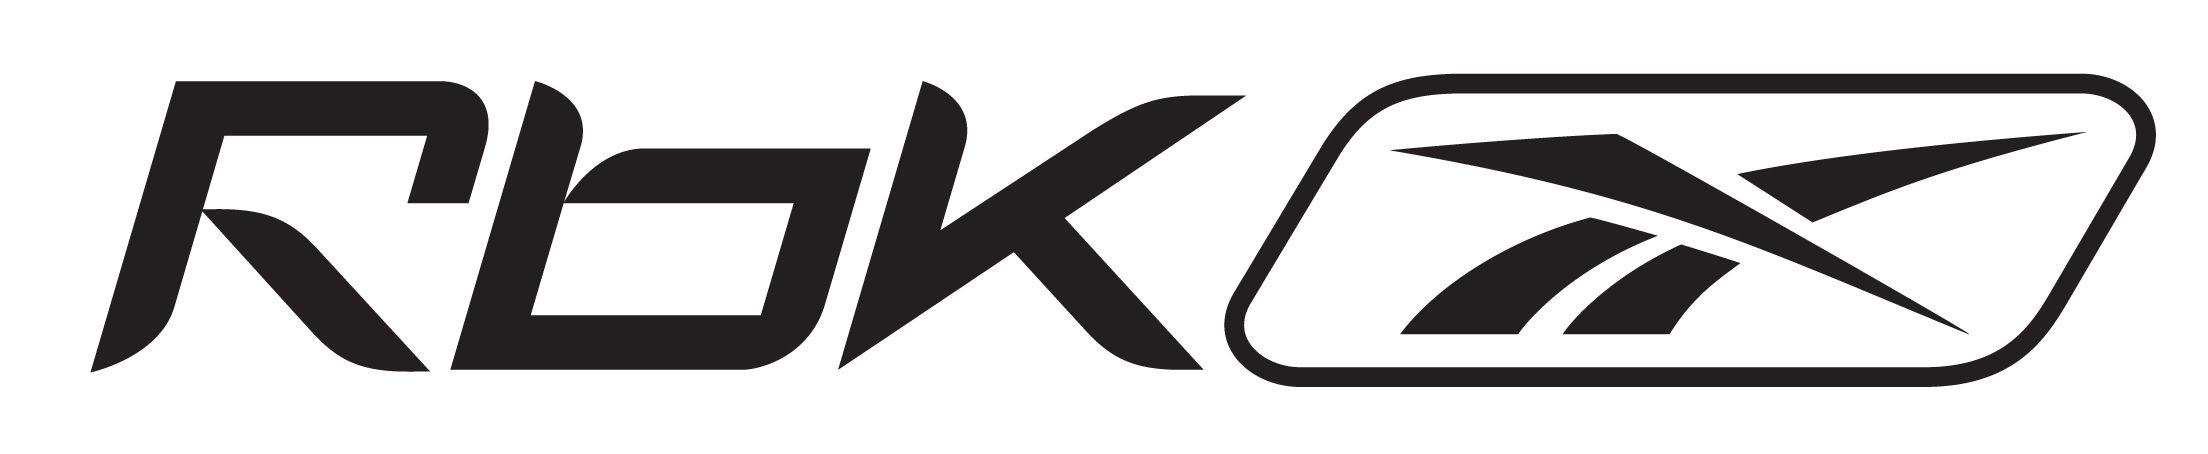 49a28847aa37a120aee873c4408d2559_REEBOK-RBK-logo-large